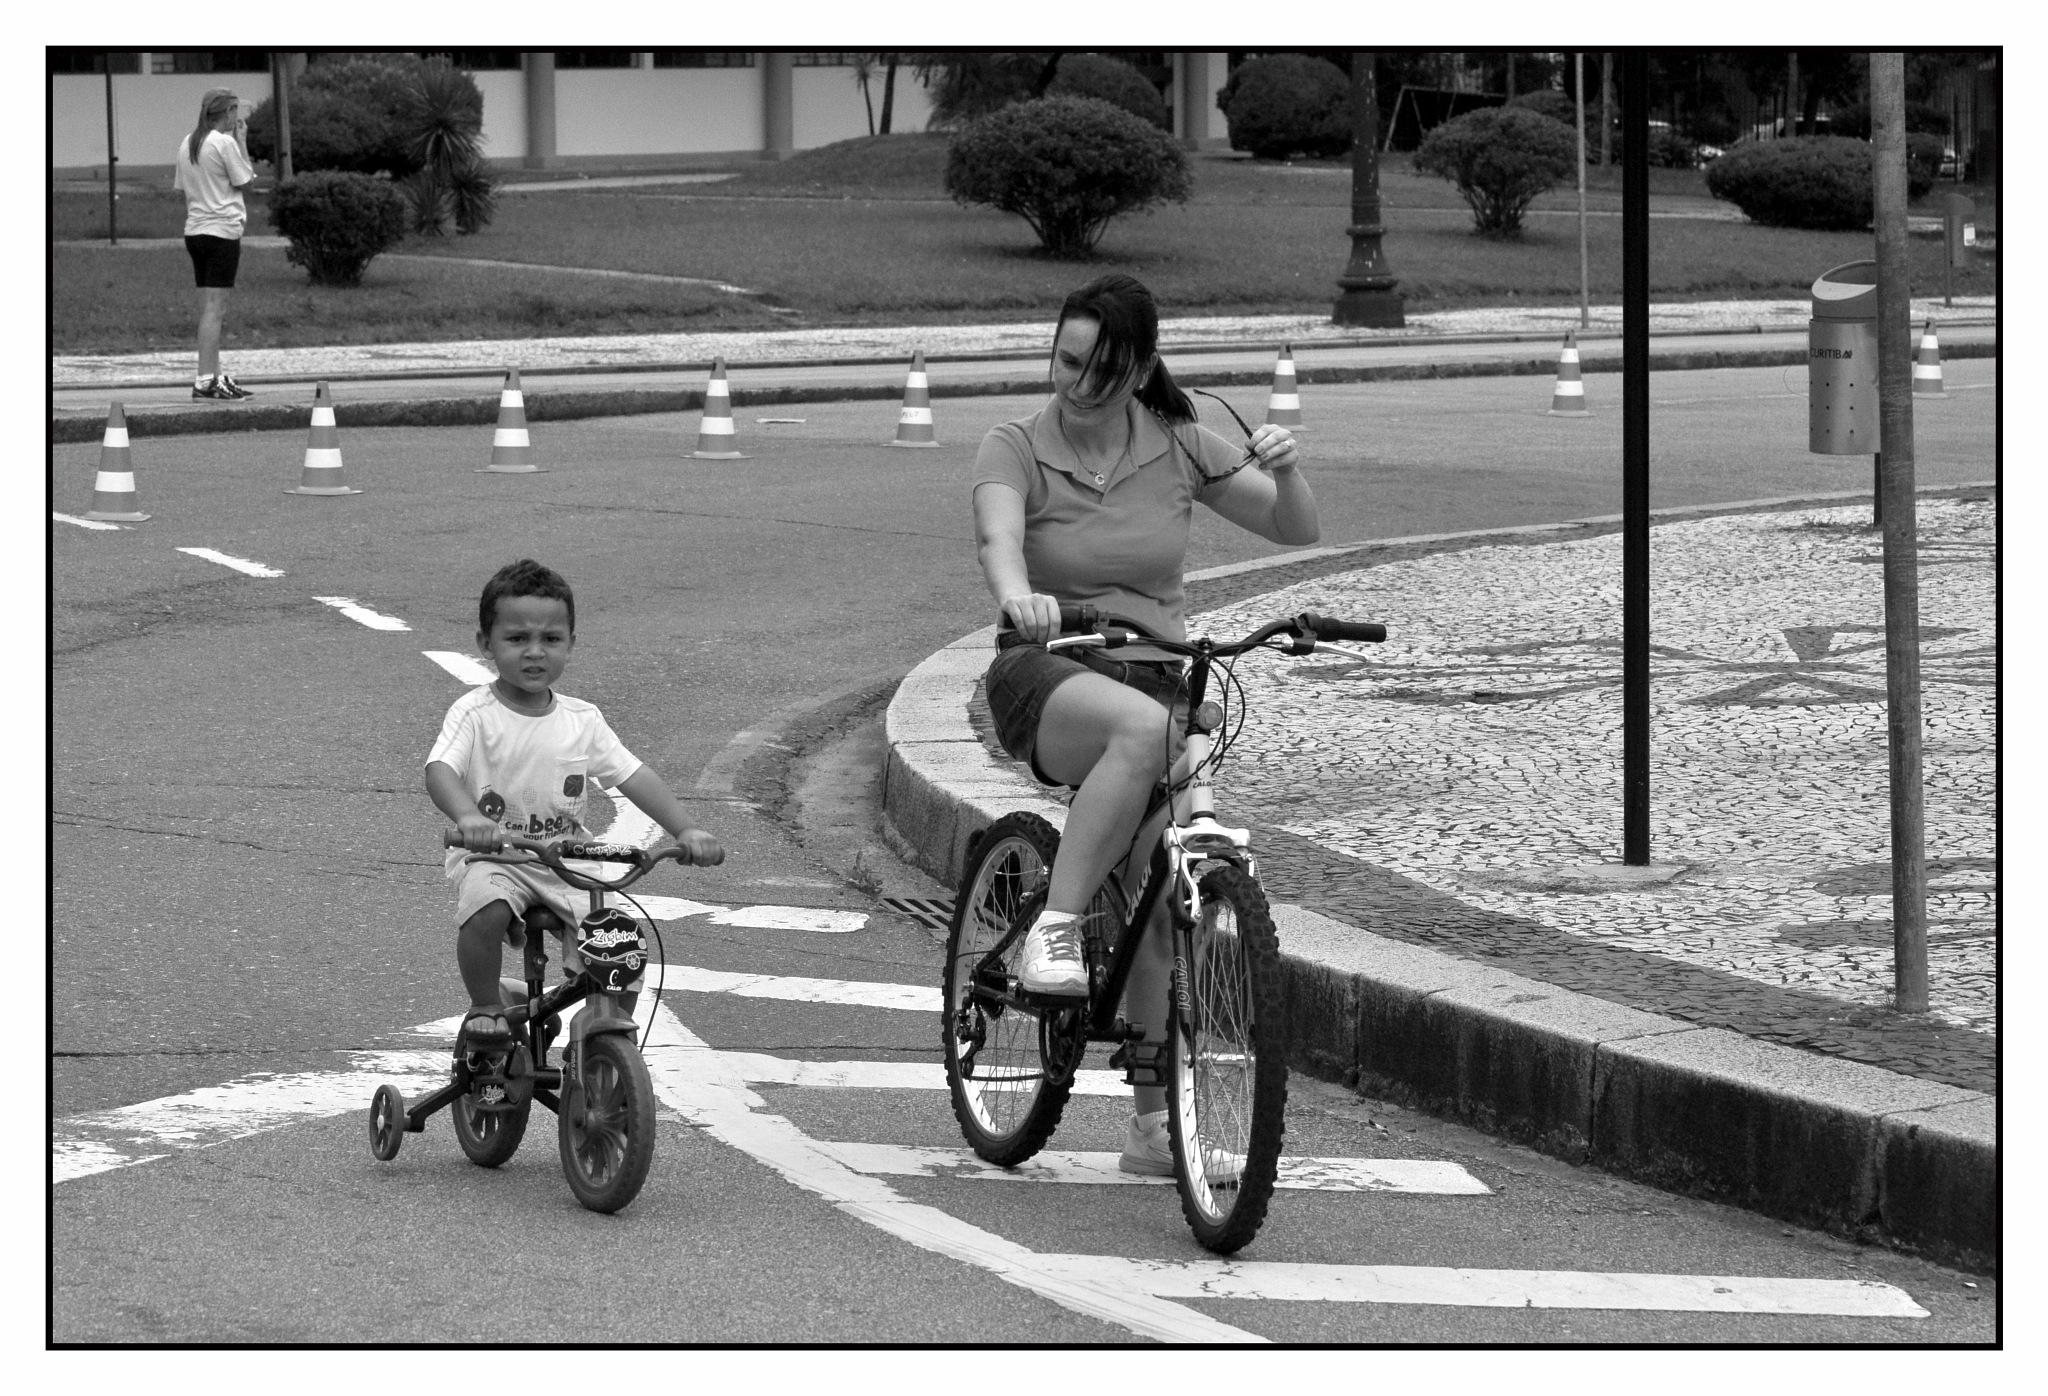 Family by José Evaldo Suassuna de Oliveira